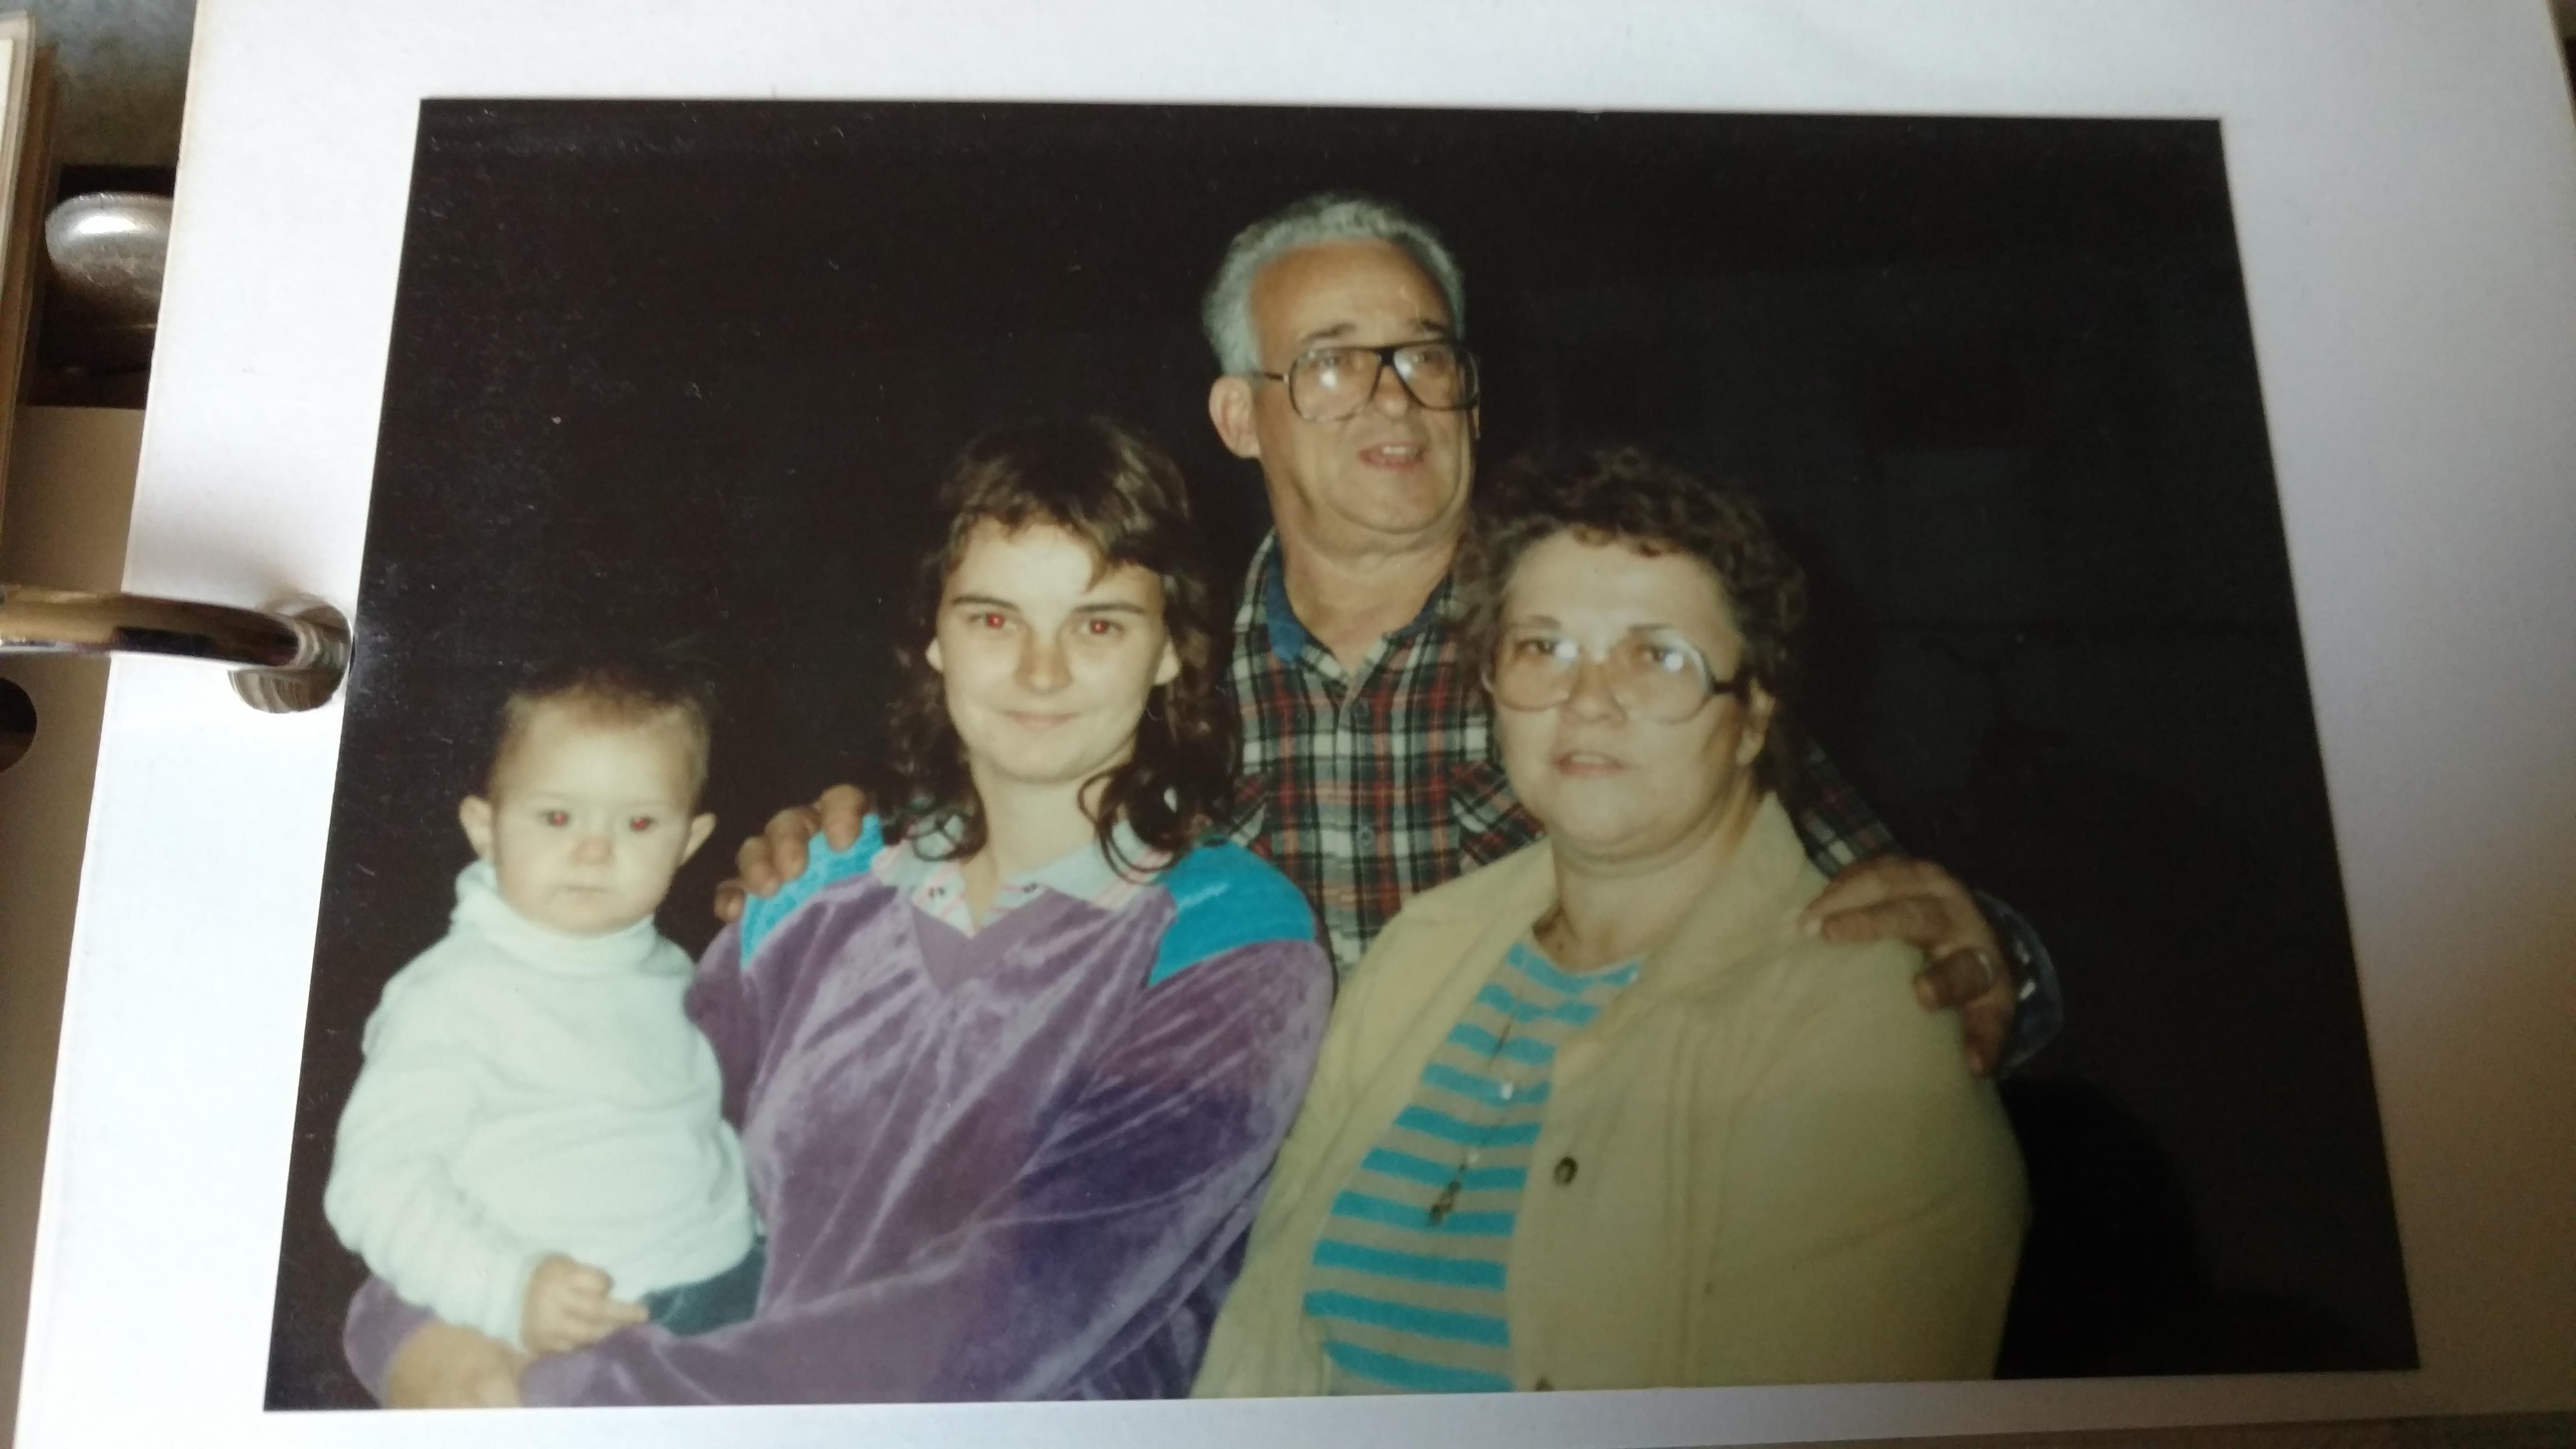 Me (Lauren), my mom, Grandpa Ed, and Grandma Bobbie.